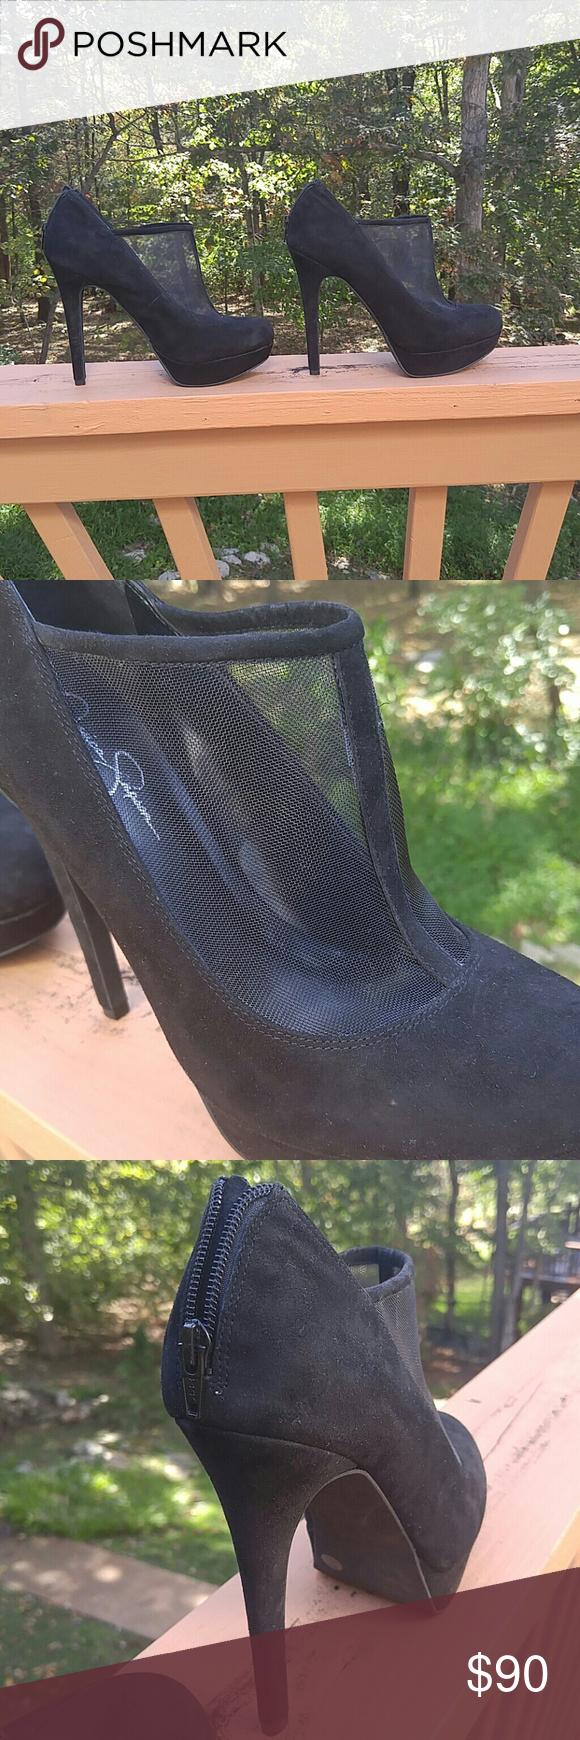 Jessica Simpson heels Black heels with nettingtype upper